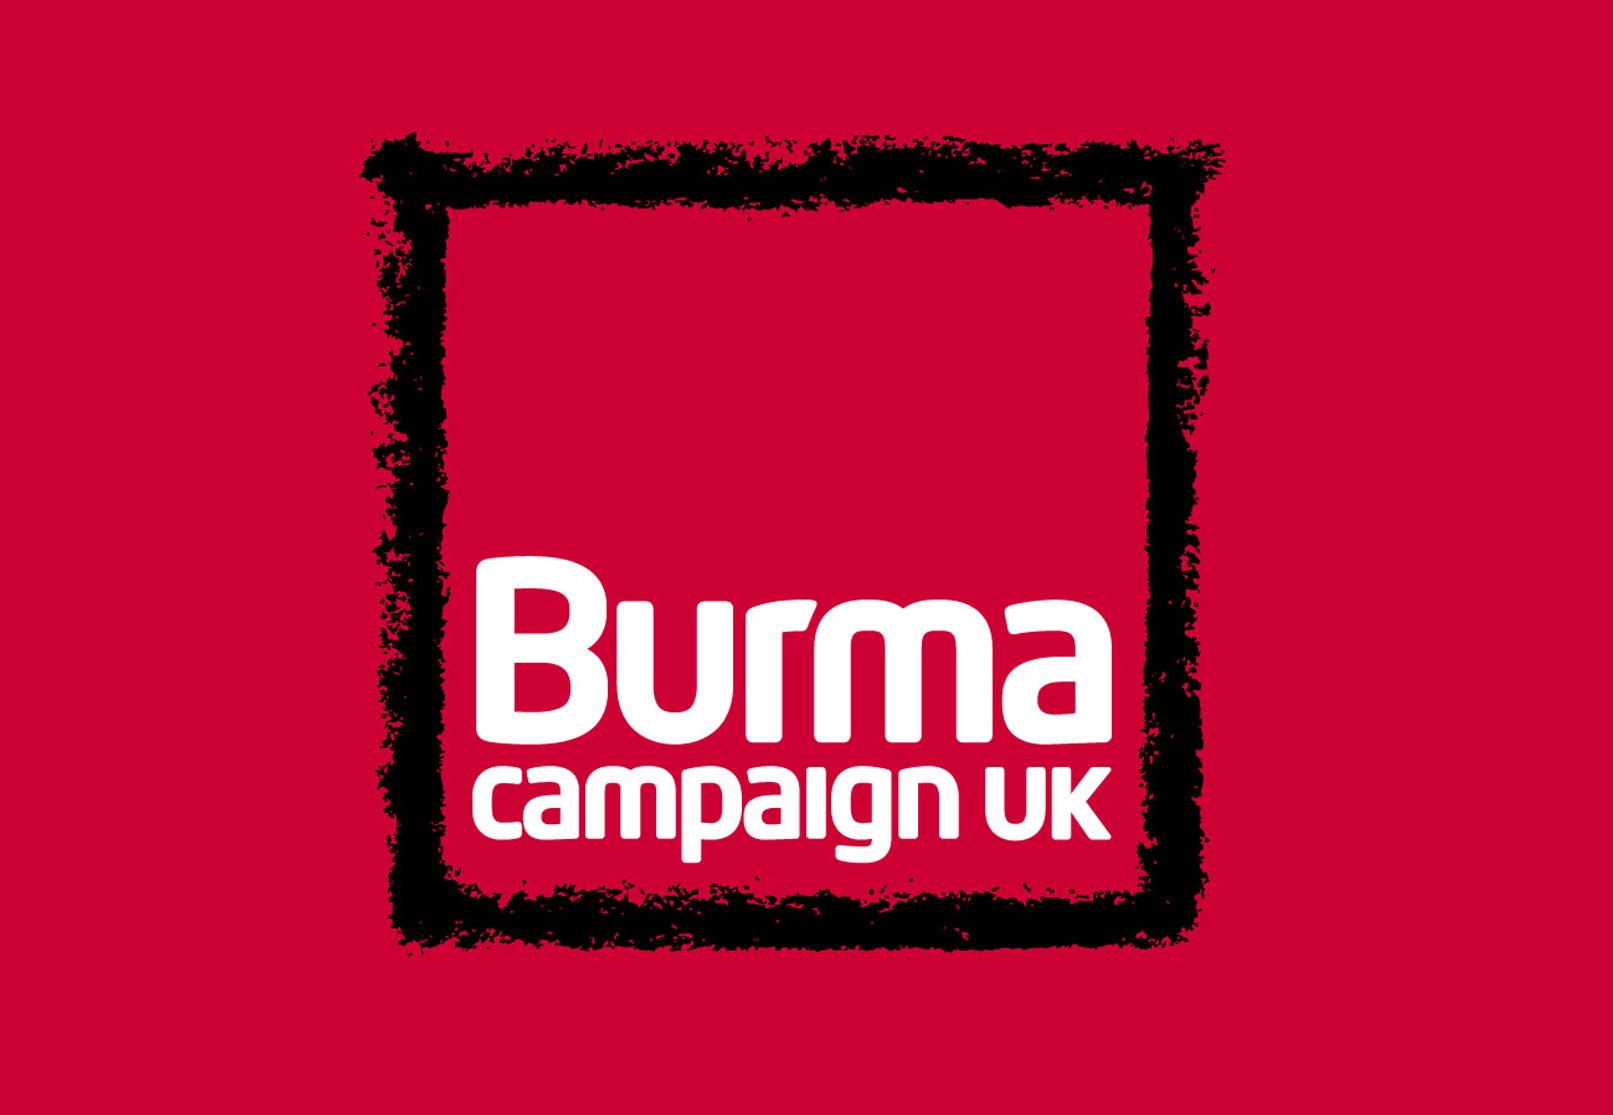 Rebranding of Burma Campaign UK